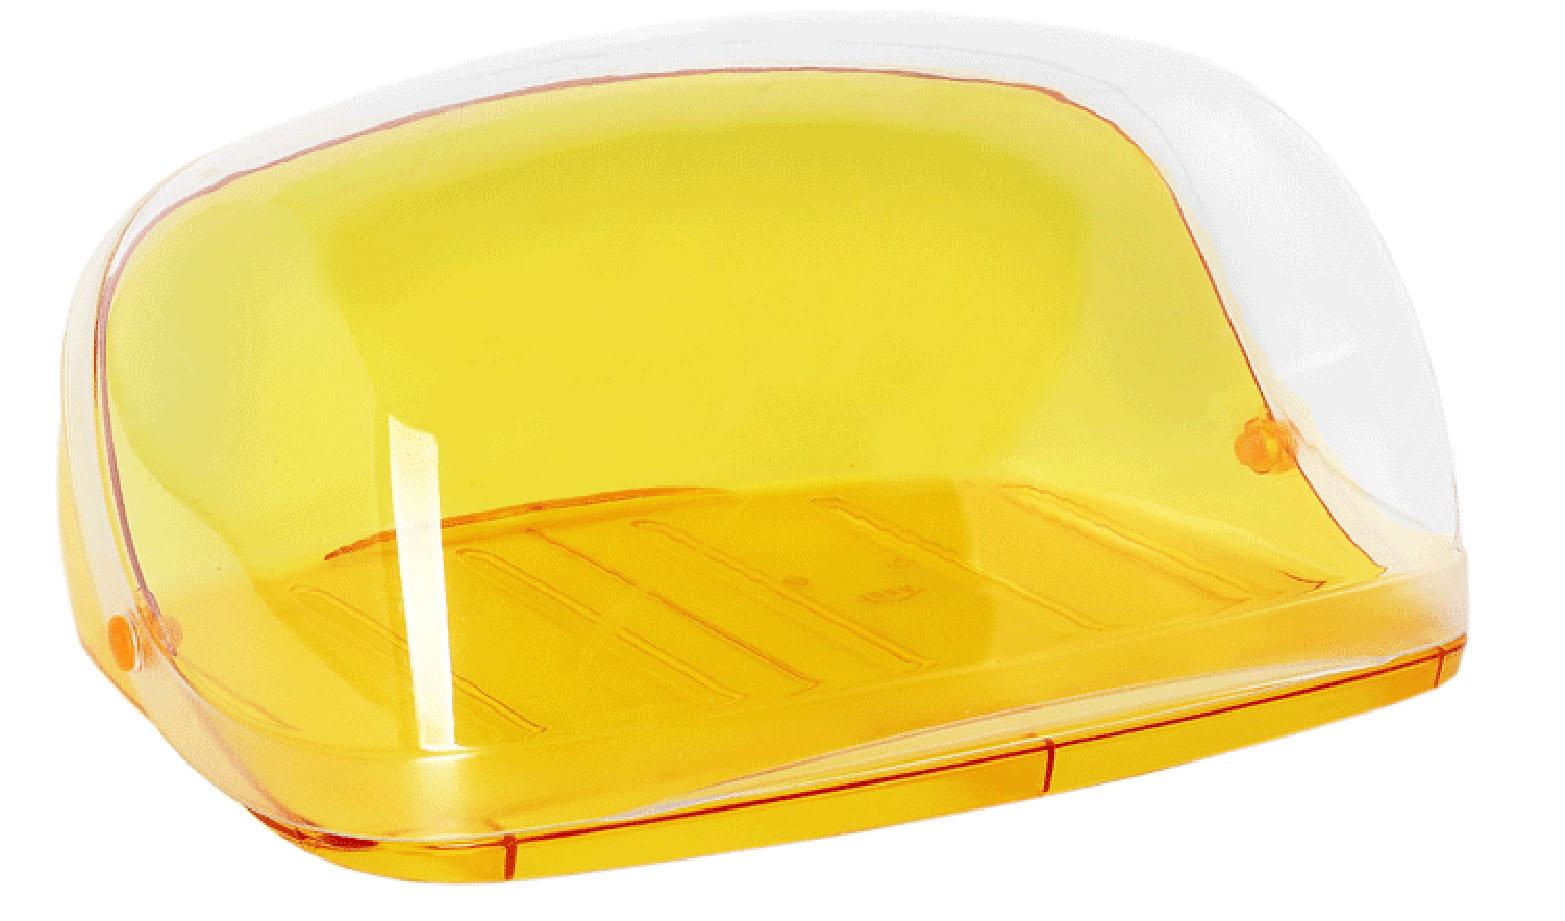 Хлебница Idea Кристалл, цвет: оранжевый, прозрачный, 40 х 29 х 16 смМ 1186Хлебница Idea Кристалл, изготовленная из пищевого пластика, обеспечивает идеальные условия хранения для различных видов хлебобулочных изделий, надолго сохраняя их свежесть. Изделие оснащено плотно закрывающейся крышкой, защищающей продукты от воздействия внешних факторов (запахов и влаги). Вместительность, функциональность и стильный дизайн позволят хлебнице стать не только незаменимым аксессуаром на кухне, но и предметом украшения интерьера. В ней хлеб всегда останется свежим и вкусным.